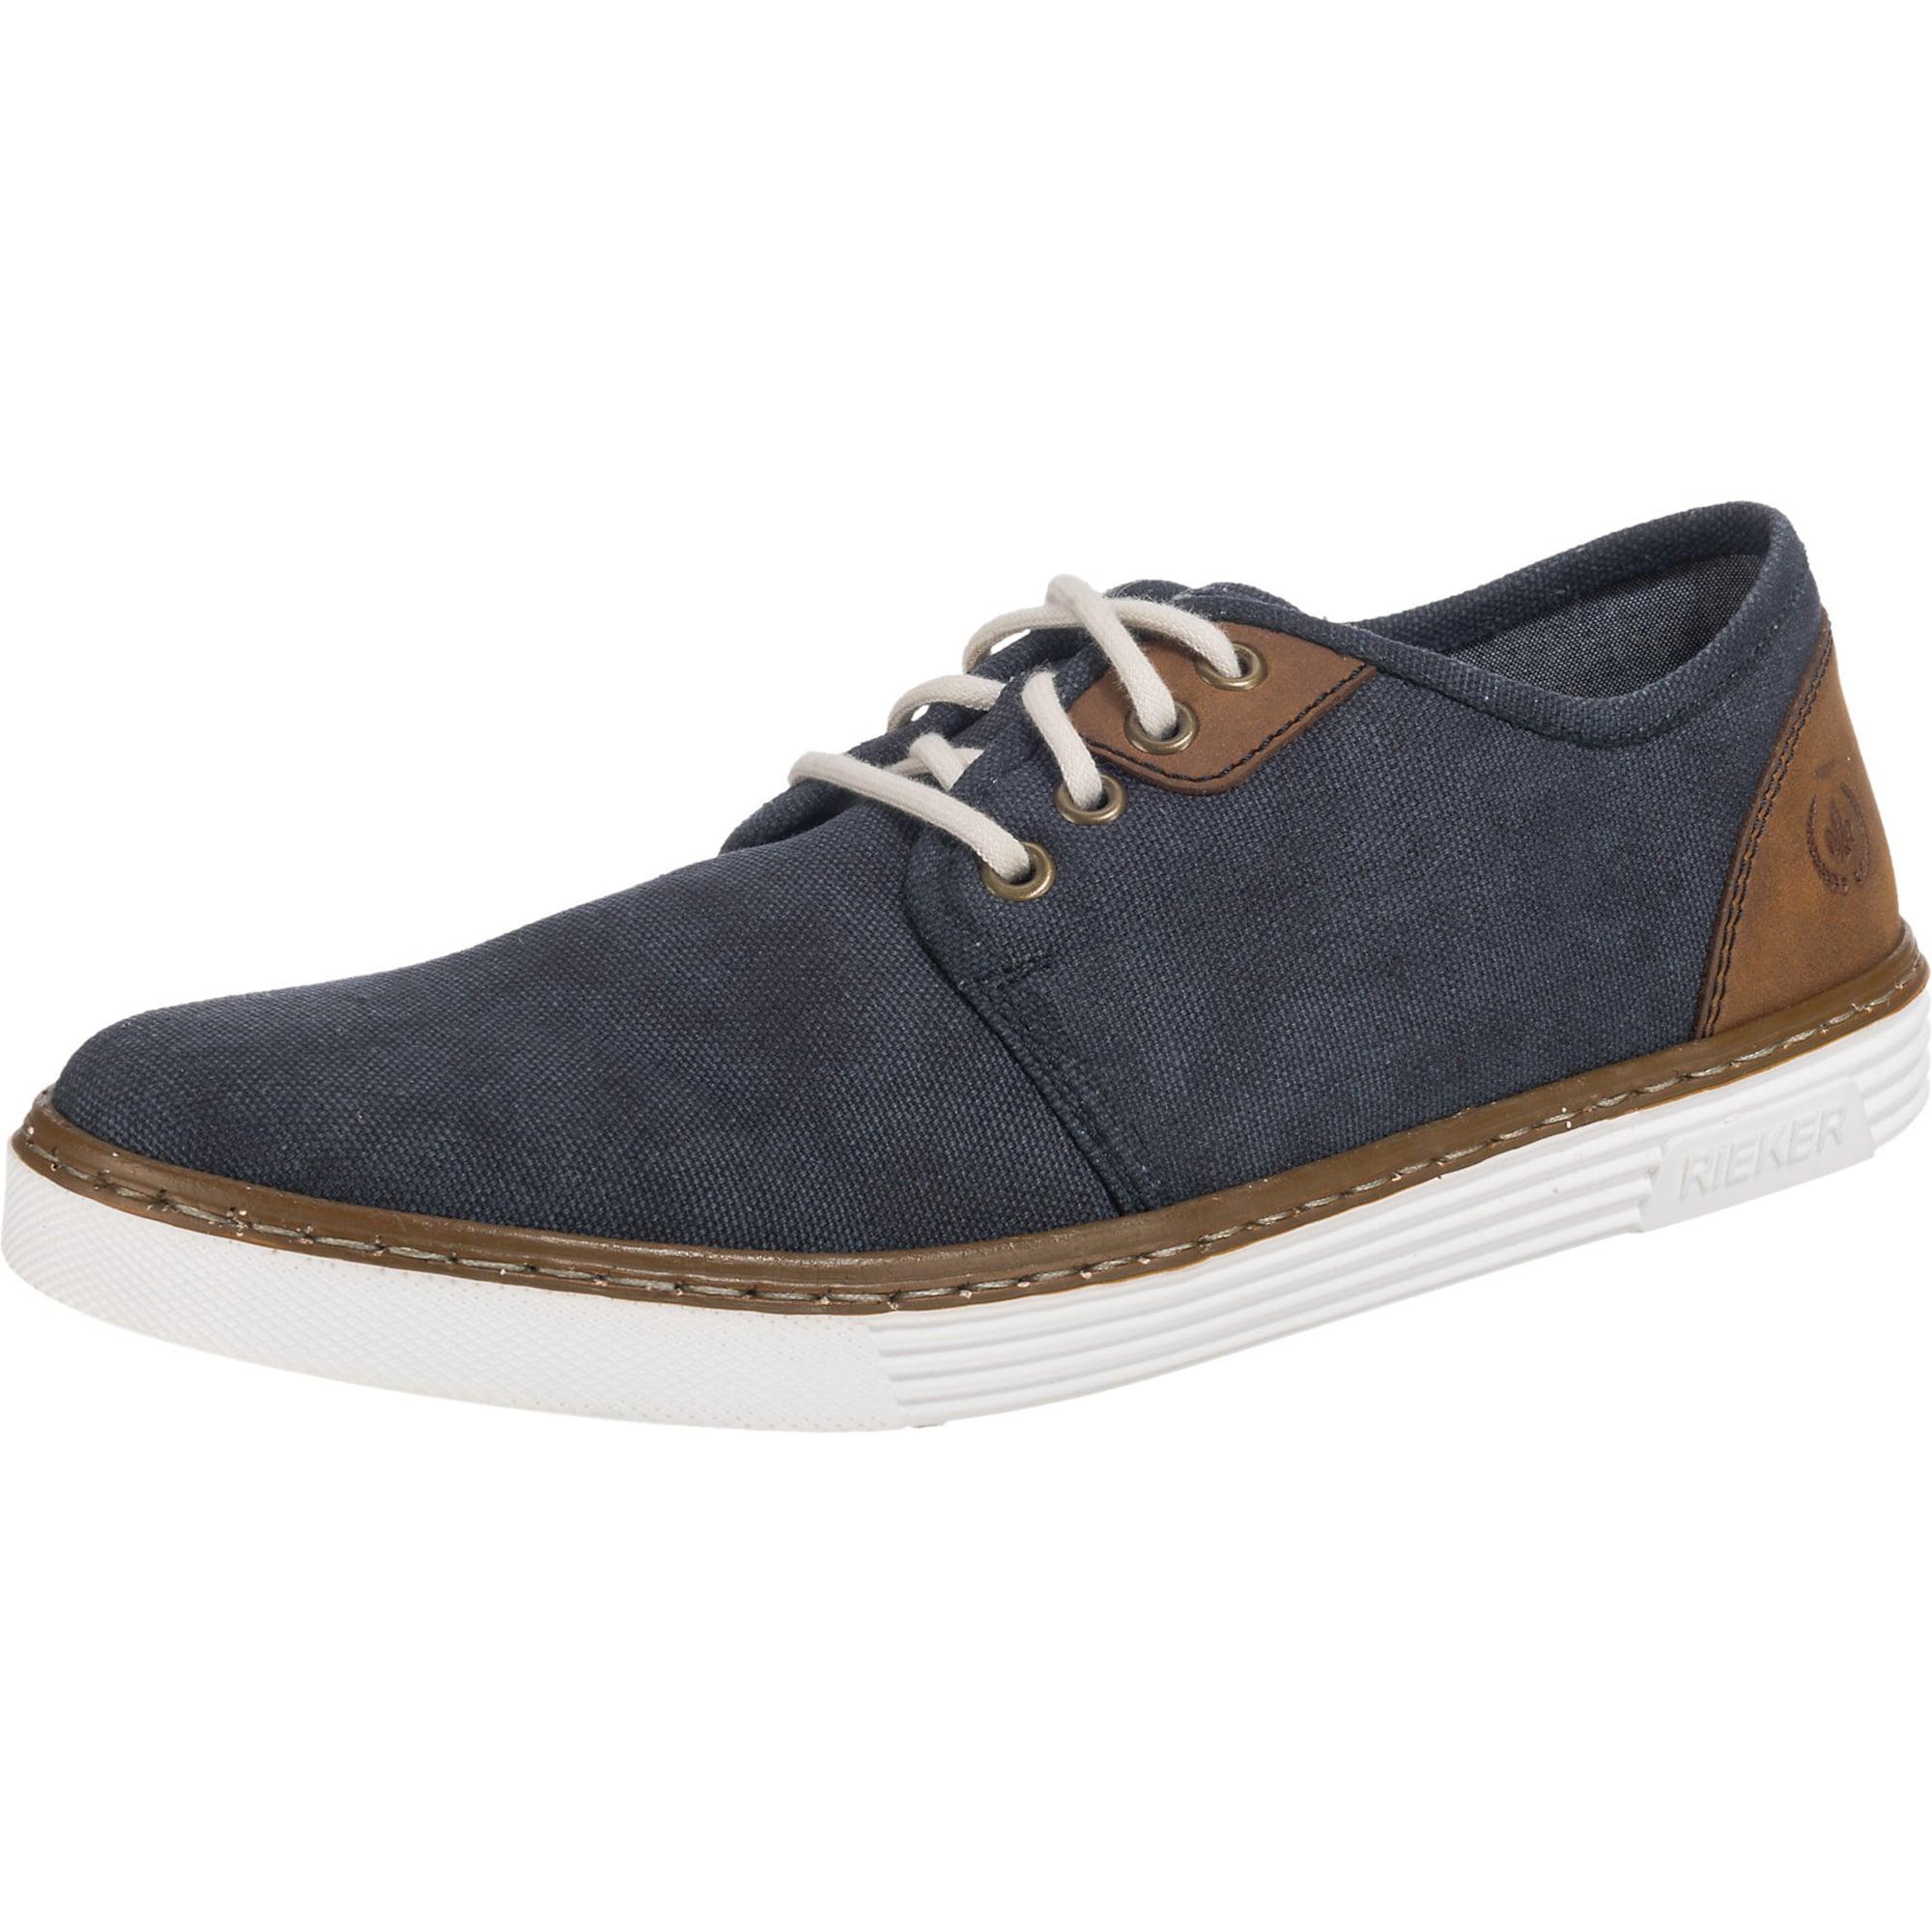 Sportovní šněrovací boty modrá hnědá RIEKER